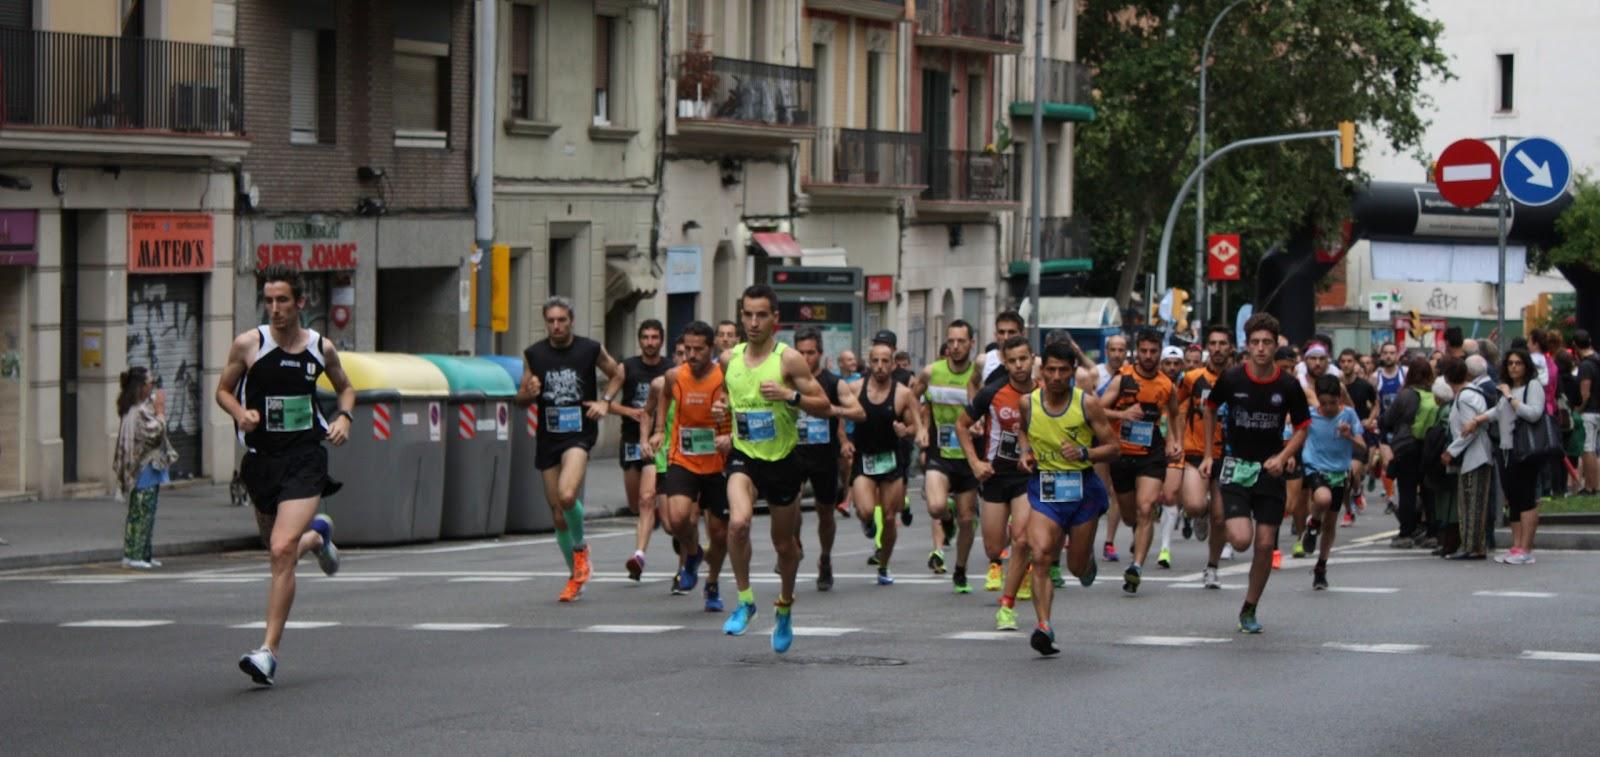 Carles Montllor y Francesca Sist vencen la Cursa Els 10 Blaus de Gràcia